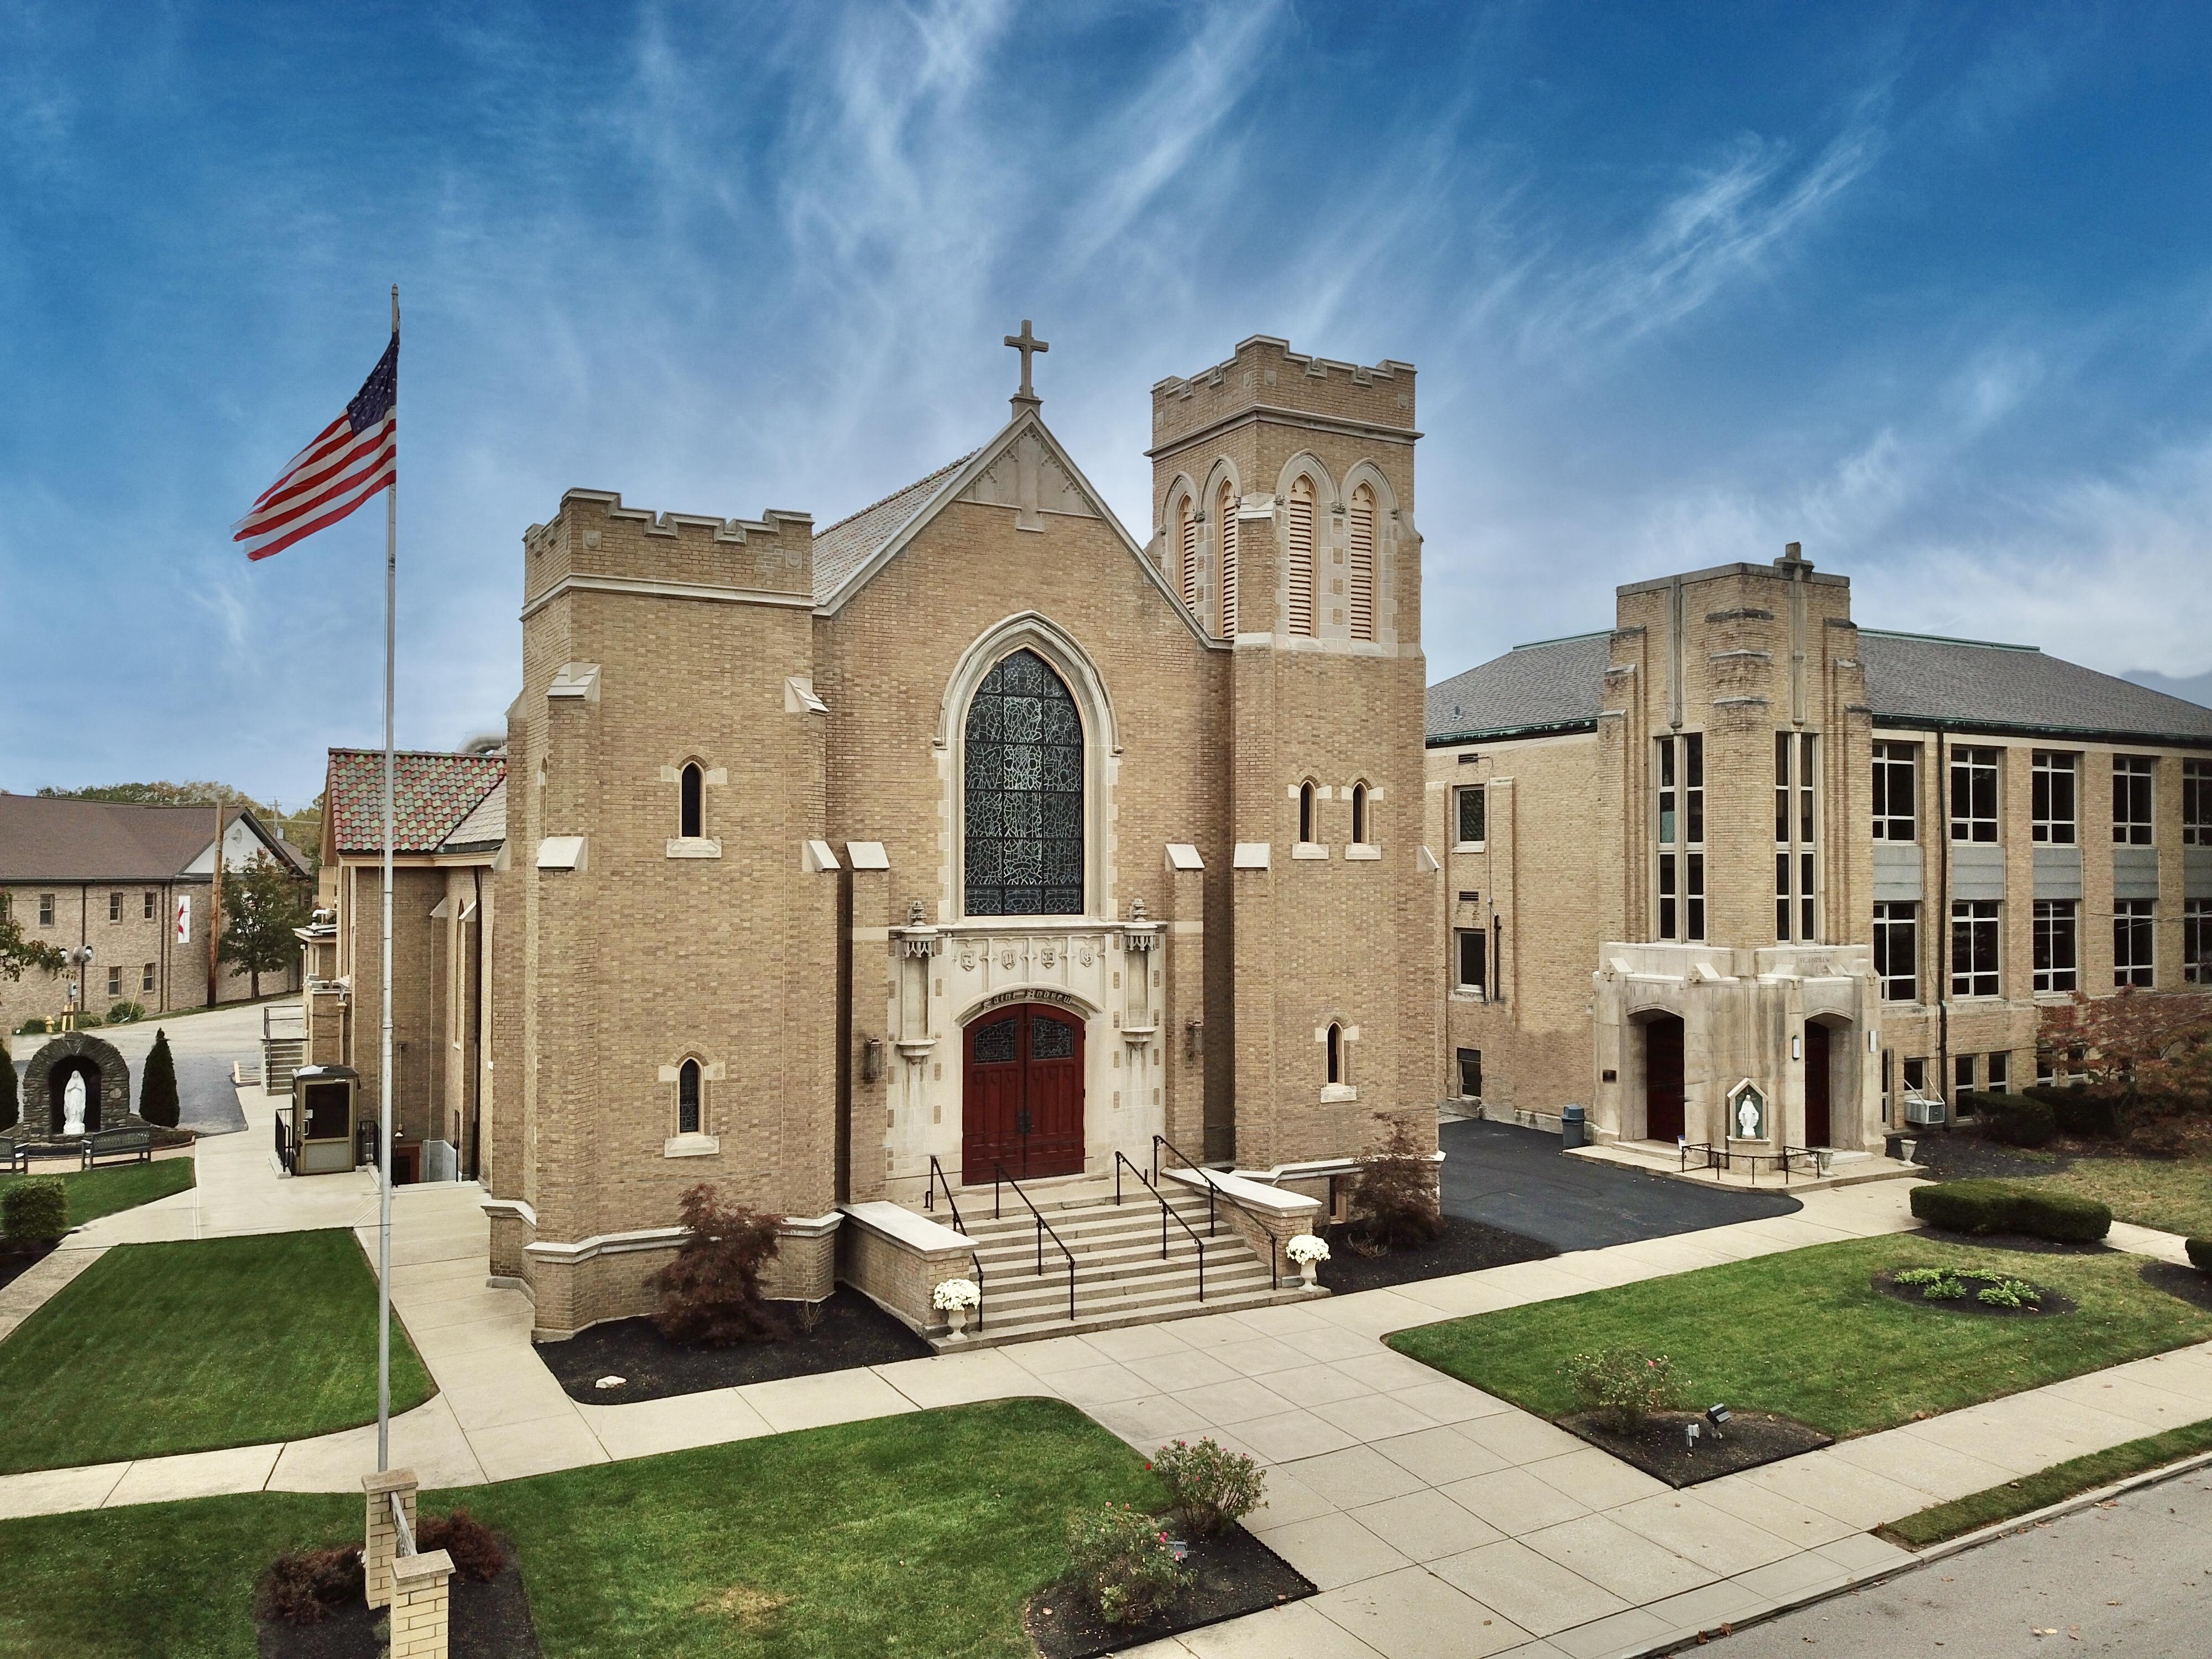 St. Andrew Exterior